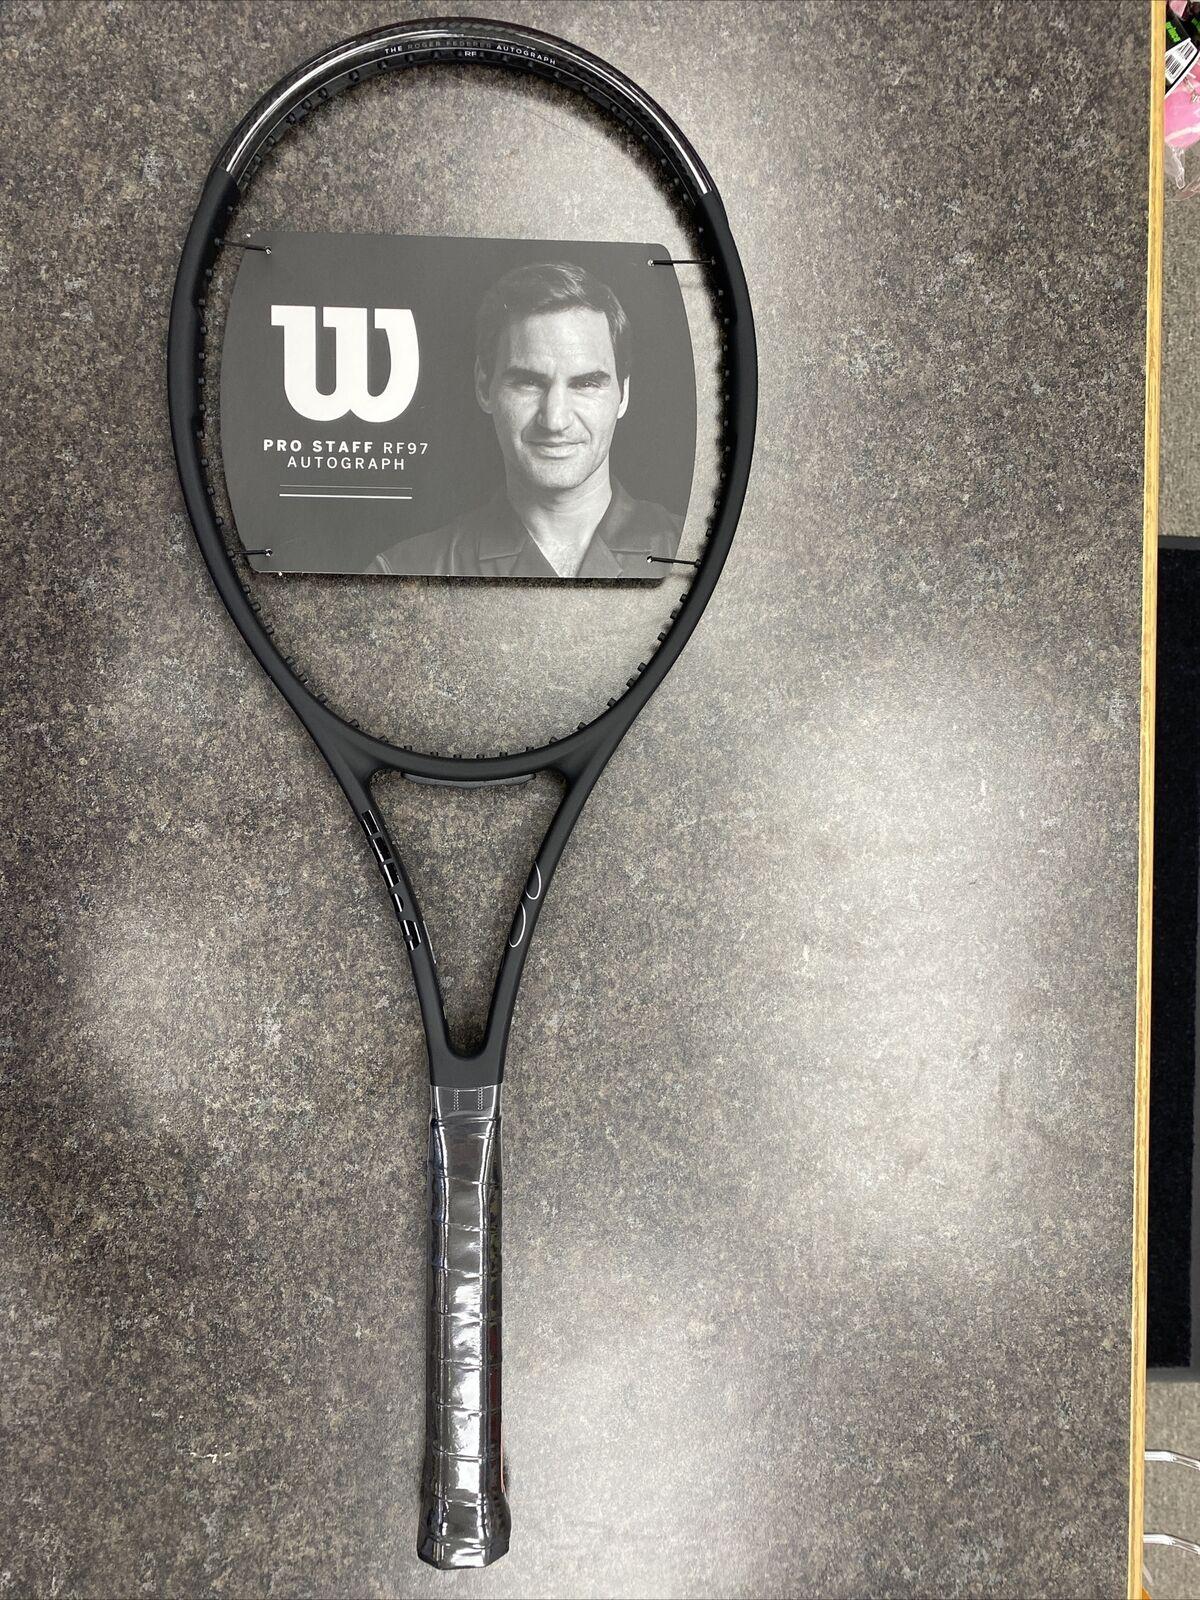 New 2020 Wilson Pro Staff RF97 v13 Roger Federer Autograph 4 3//8 Racket Racquet